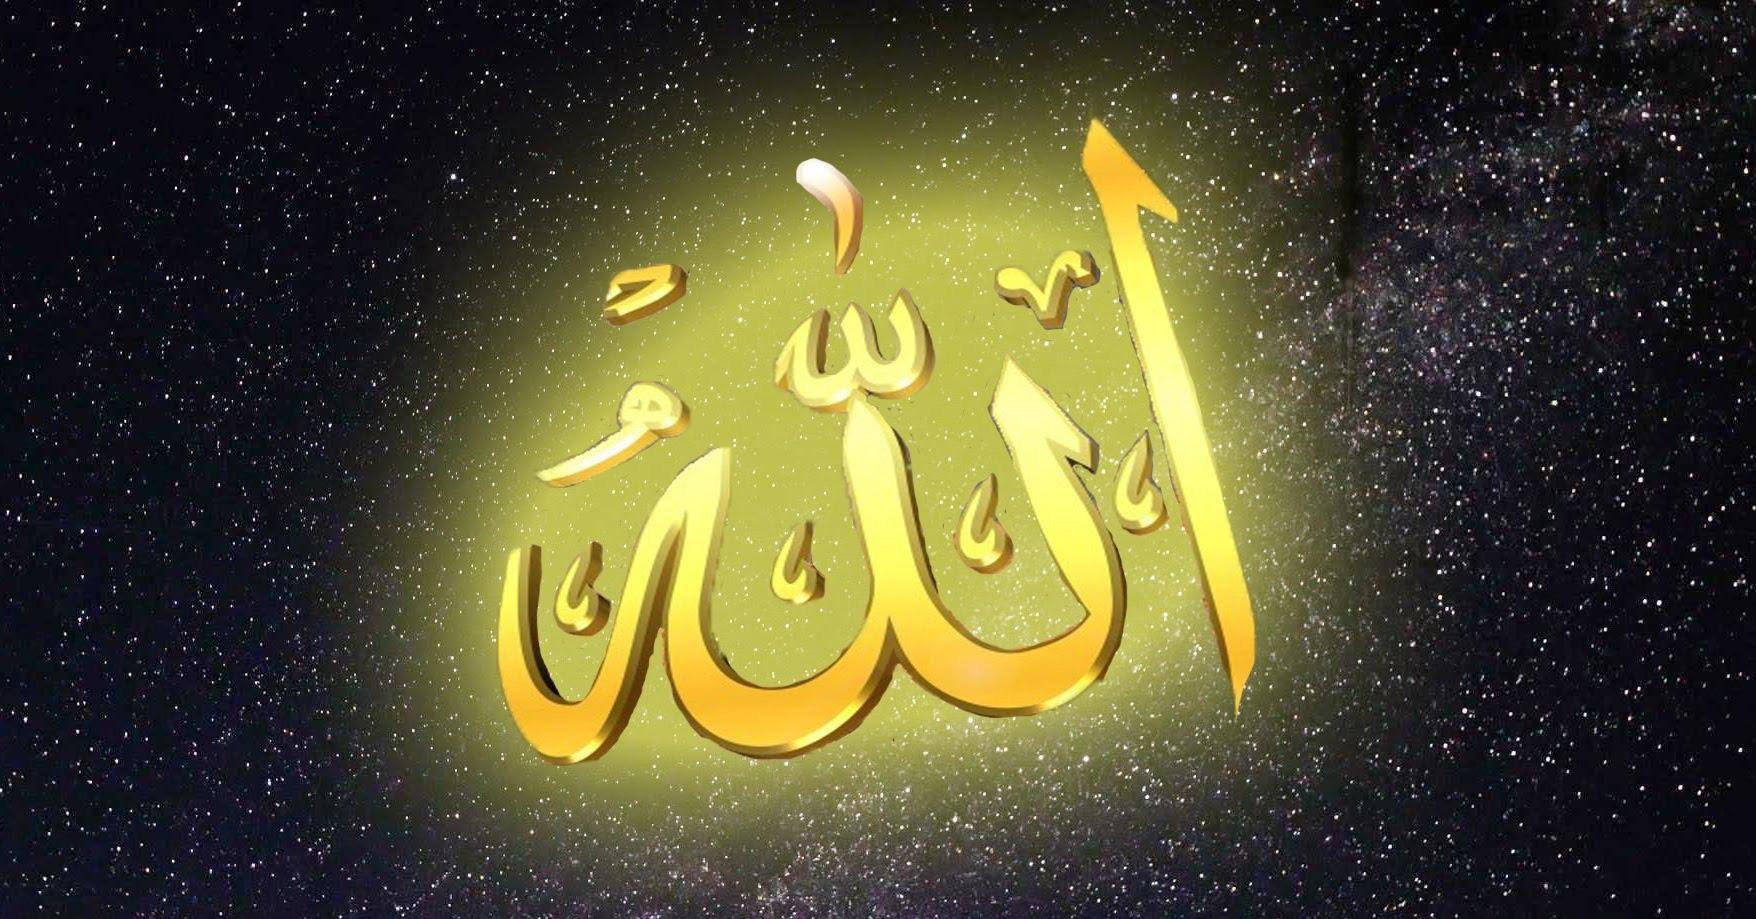 صورة صور اسم الله , اجمل صور الله